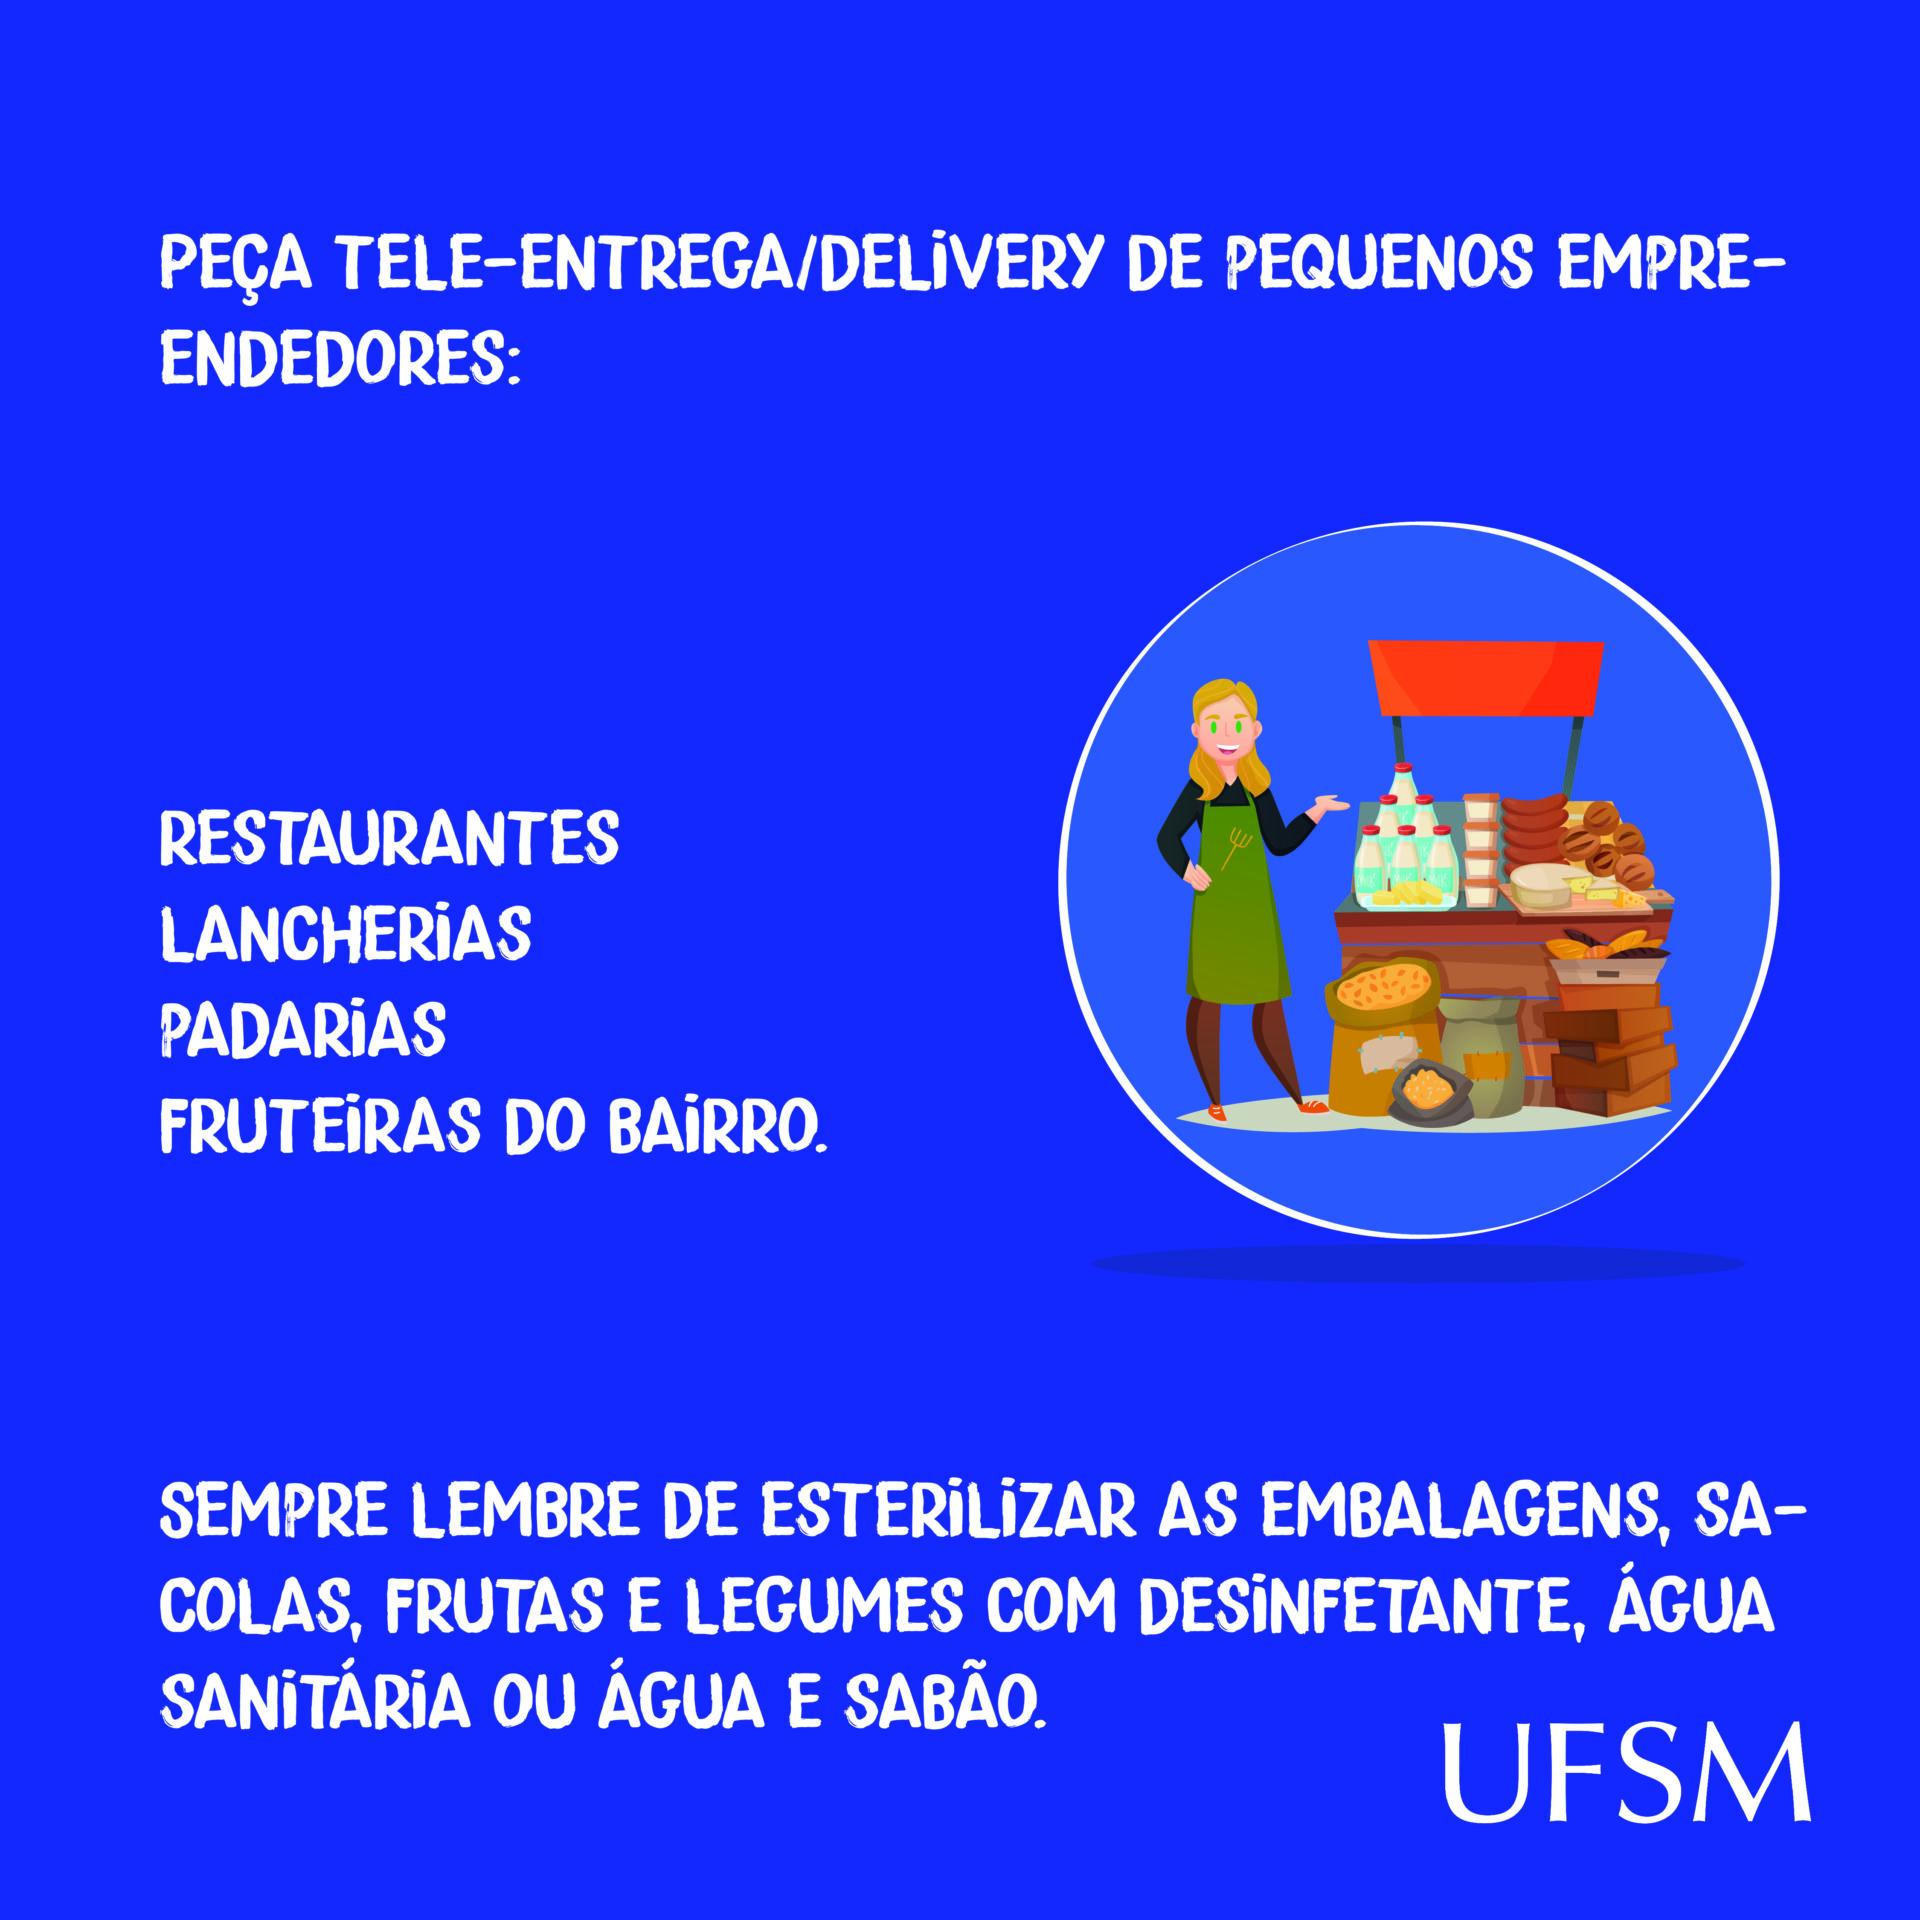 Post Peça delivery